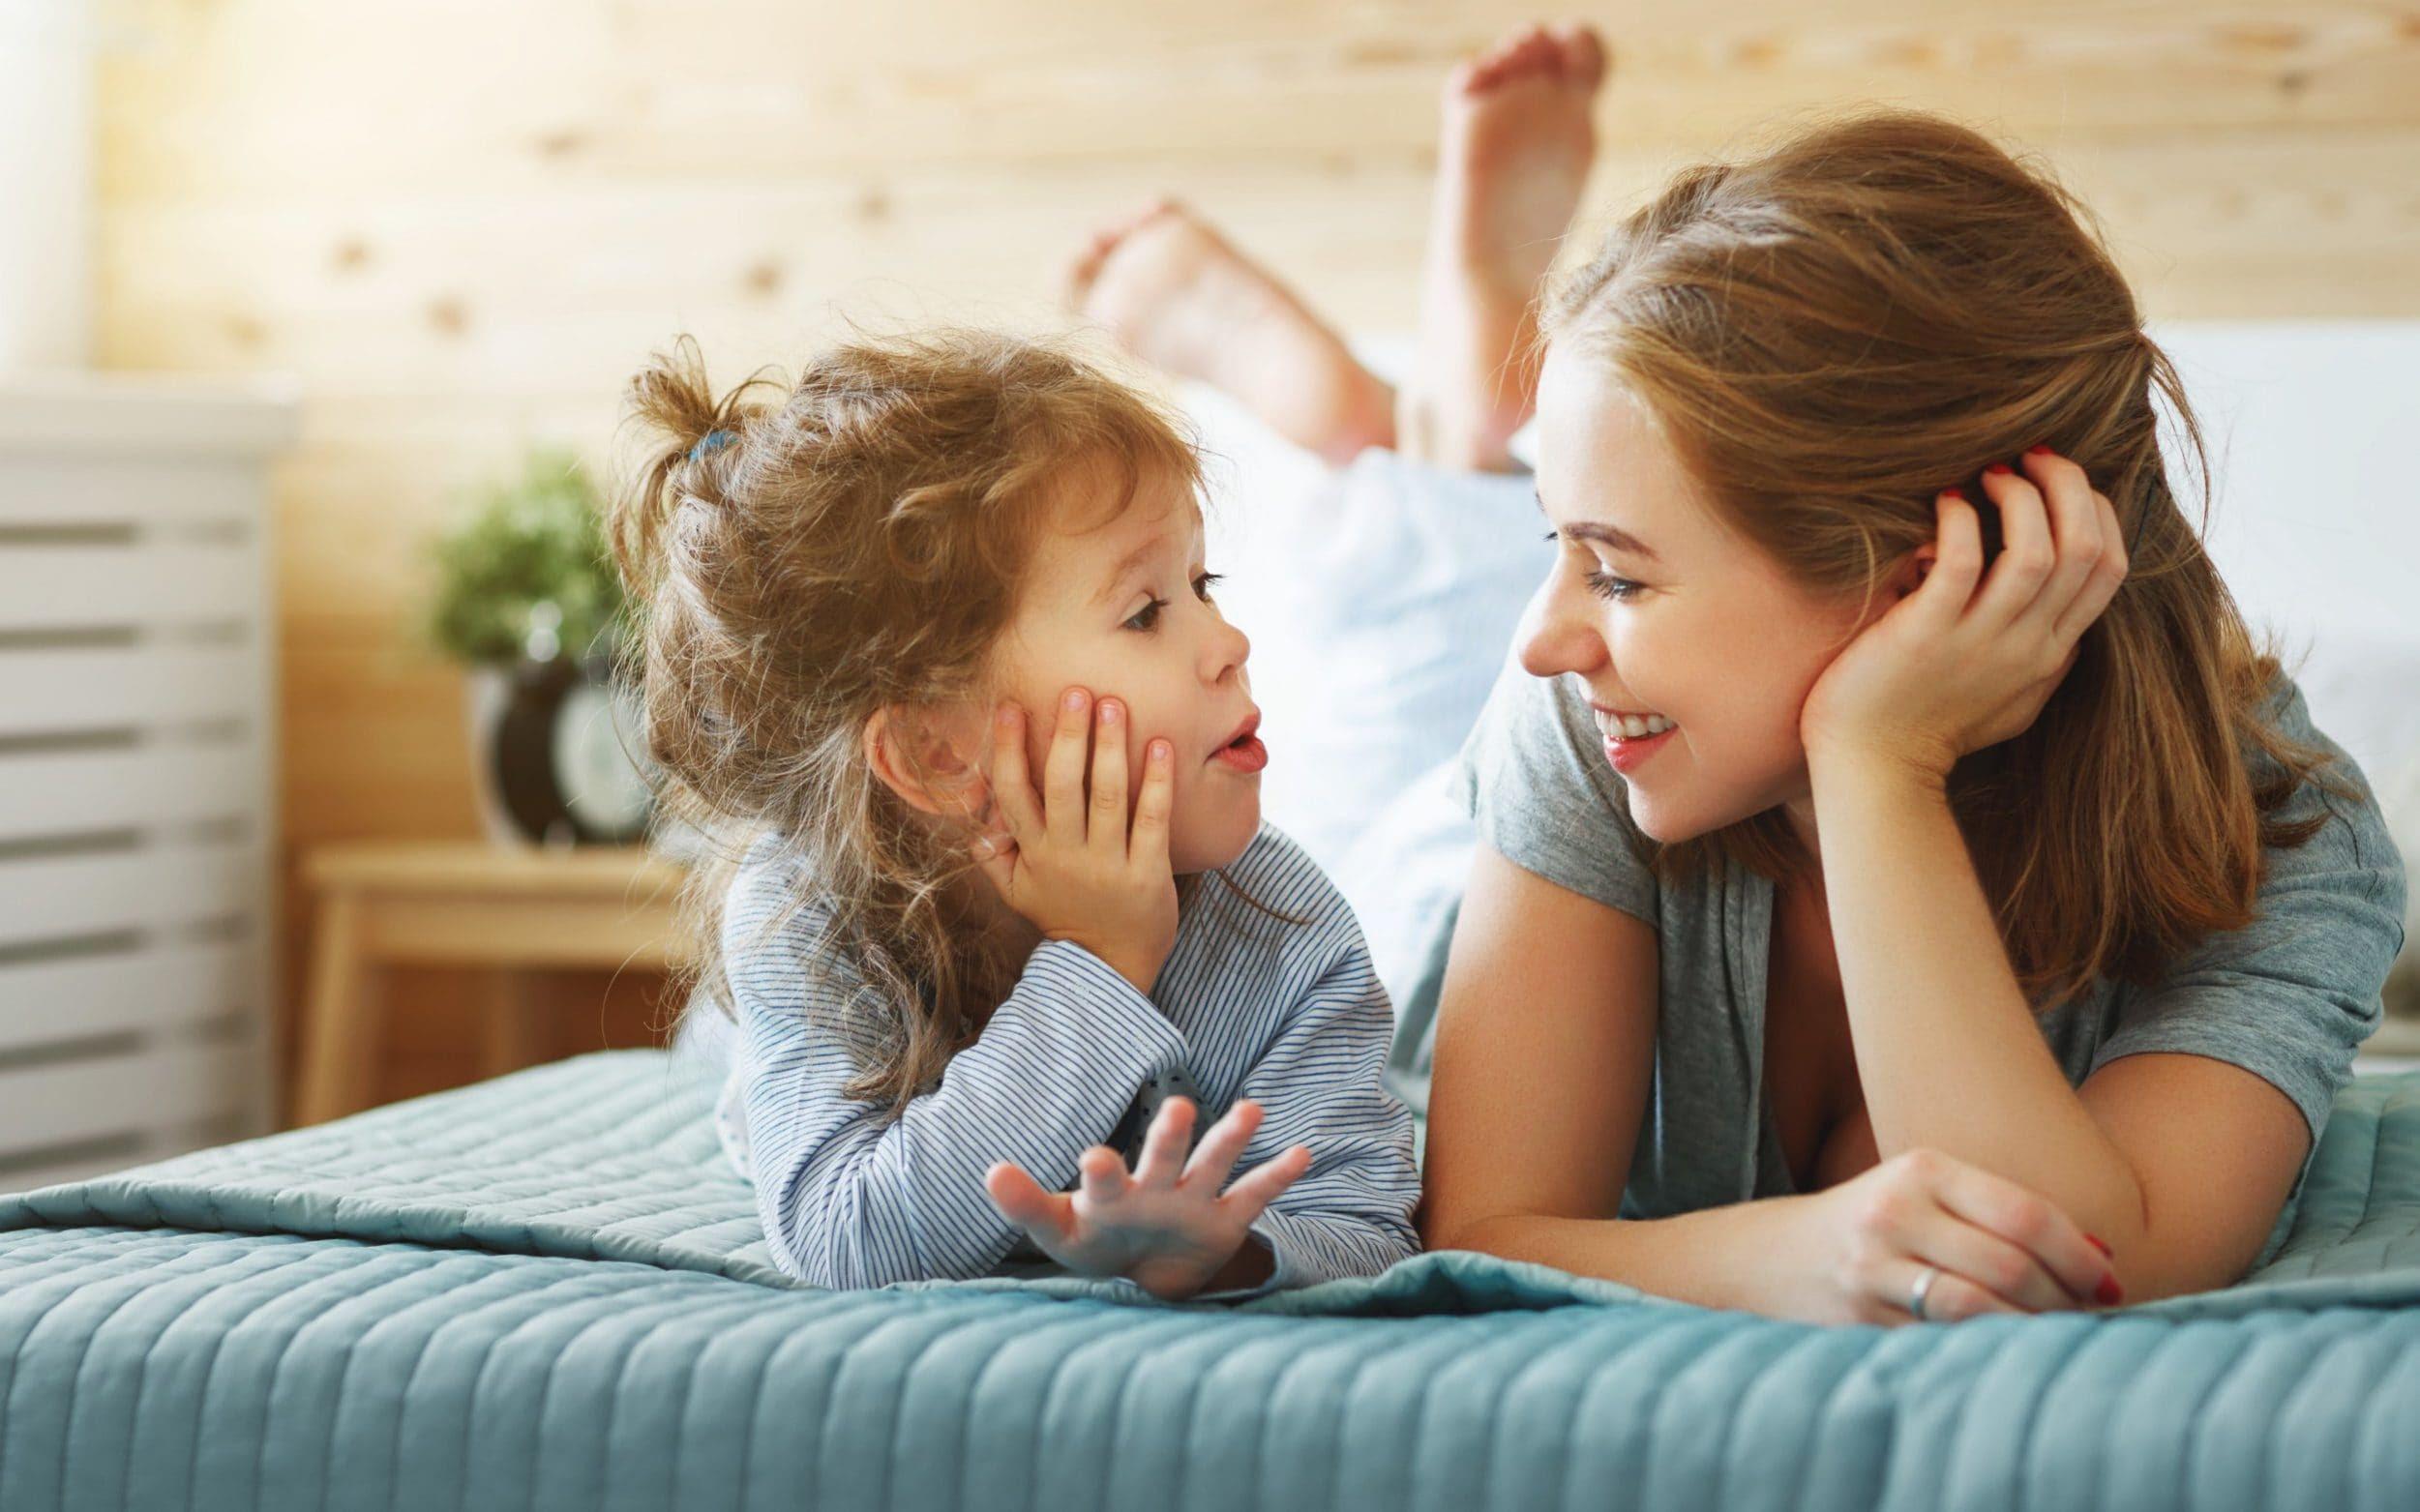 Психолог Александр Эйсмонт рассказывает, как выстроить доверительные отношения со своим ребёнком